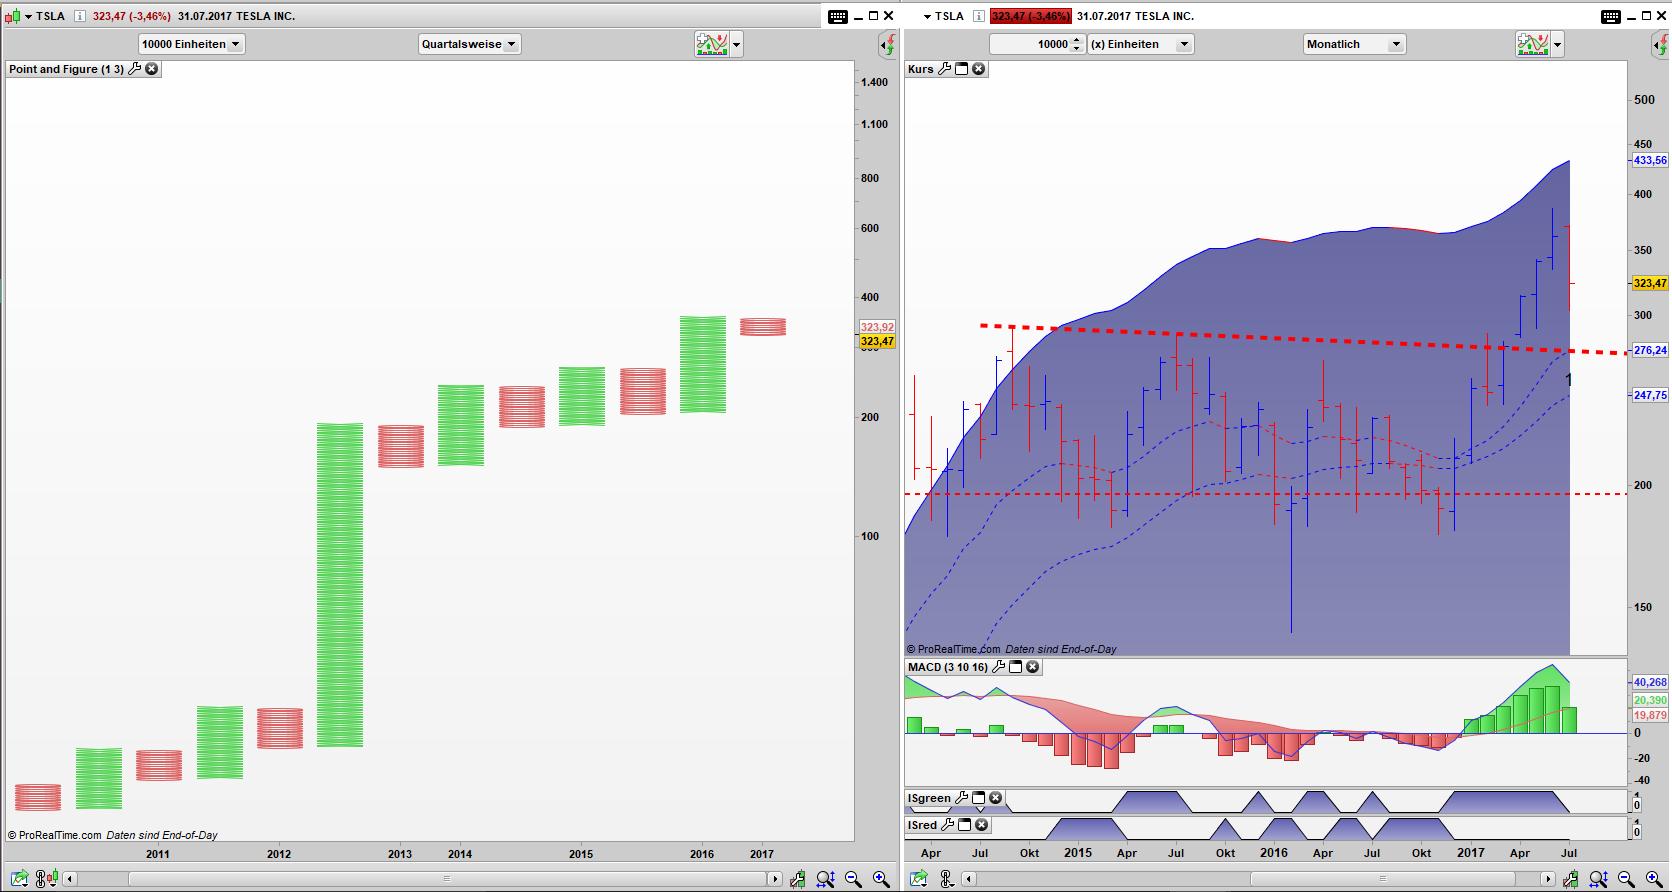 TSLA Point and Figure Quartals Chart, Bar Monats Chart: Der Aufwärtstrend ist intakt